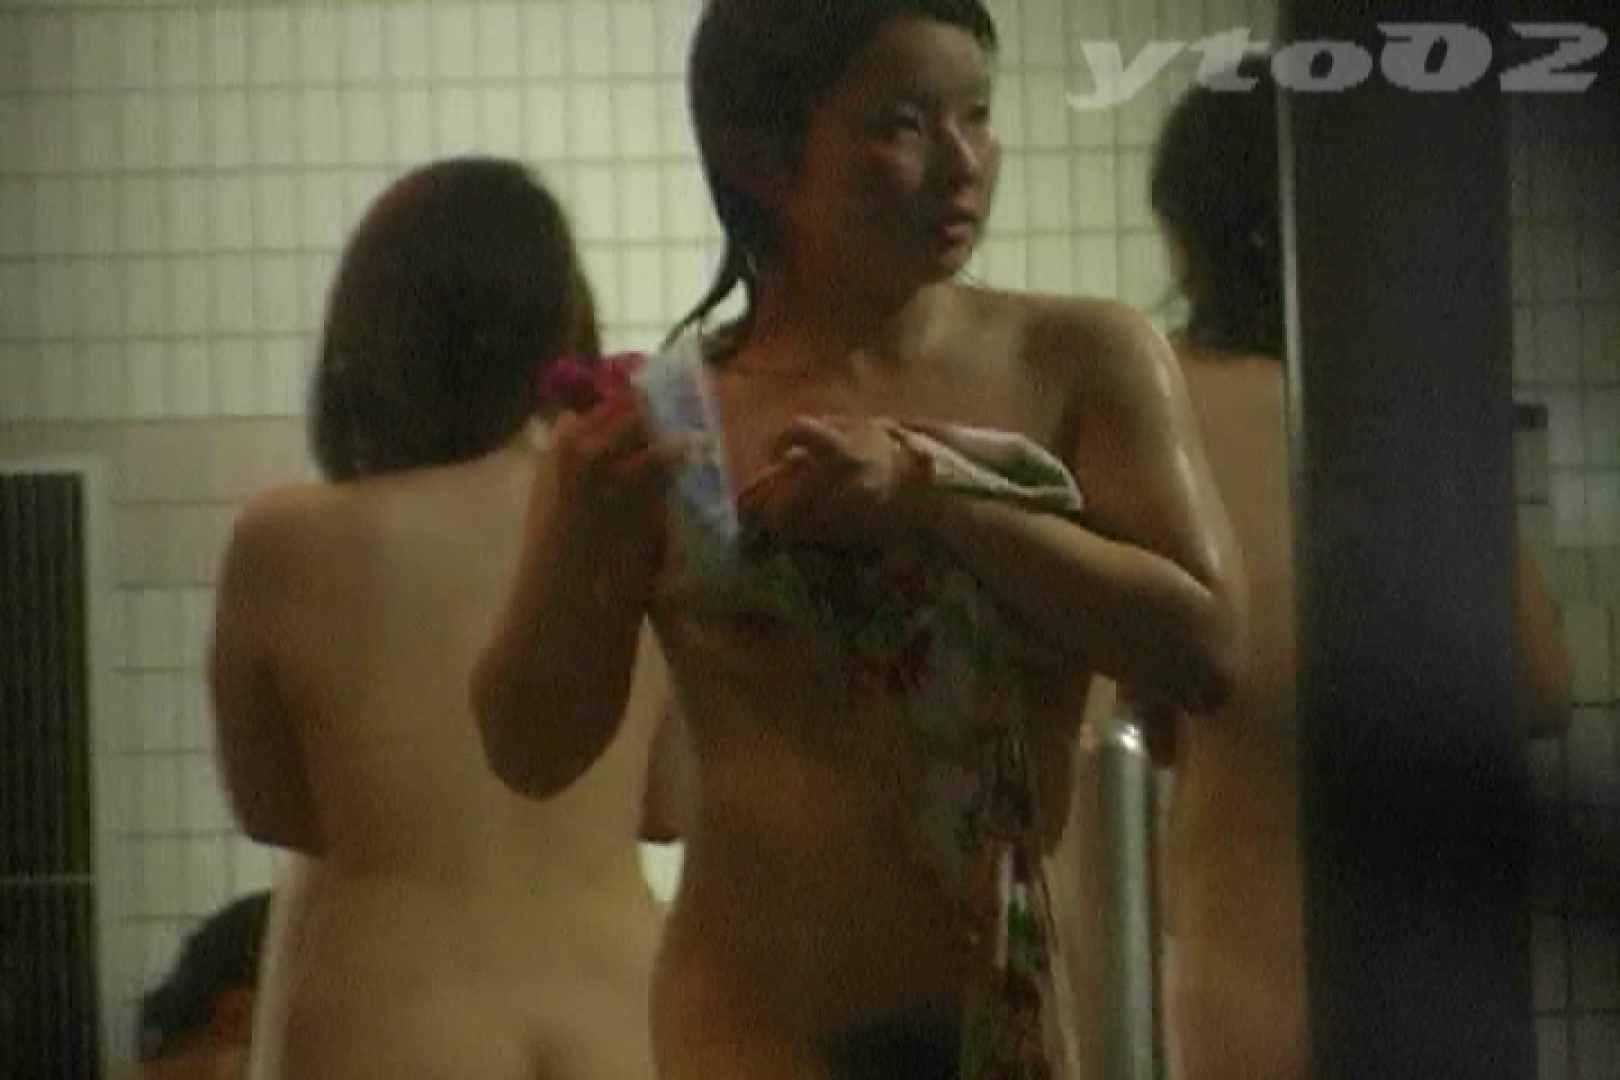 ▲復活限定▲合宿ホテル女風呂盗撮 Vol.12 合宿 盗撮 103枚 32